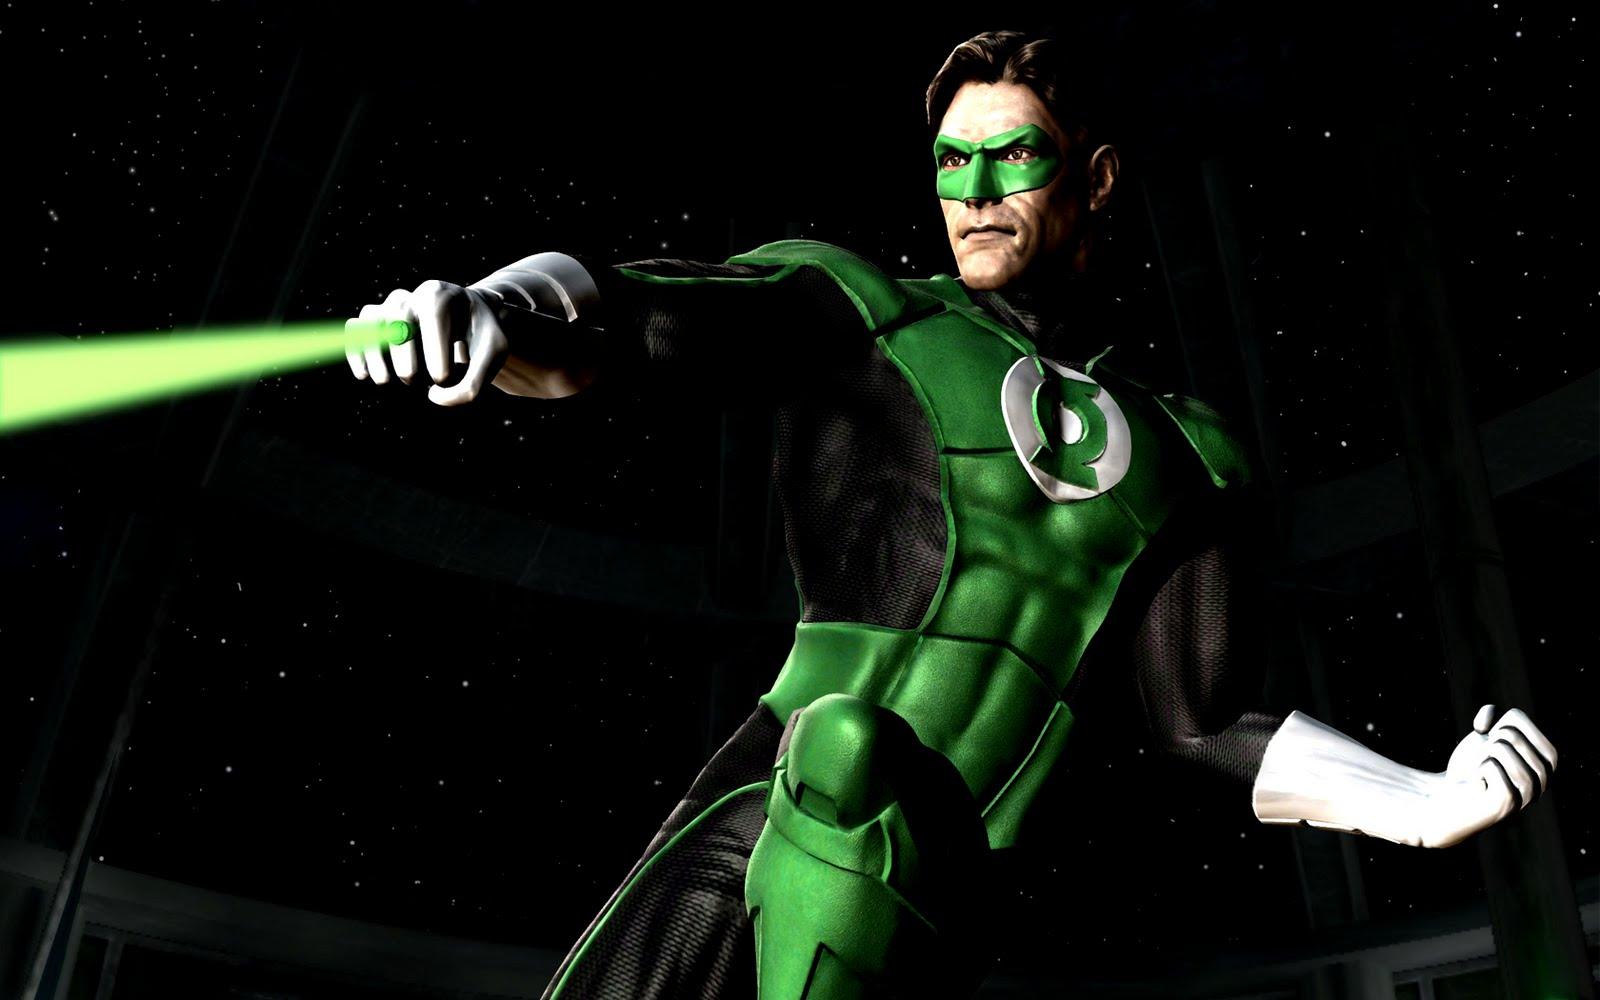 Green Lantern Comic Wallpaper: Green Lantern DC Comics HD Wallpaper